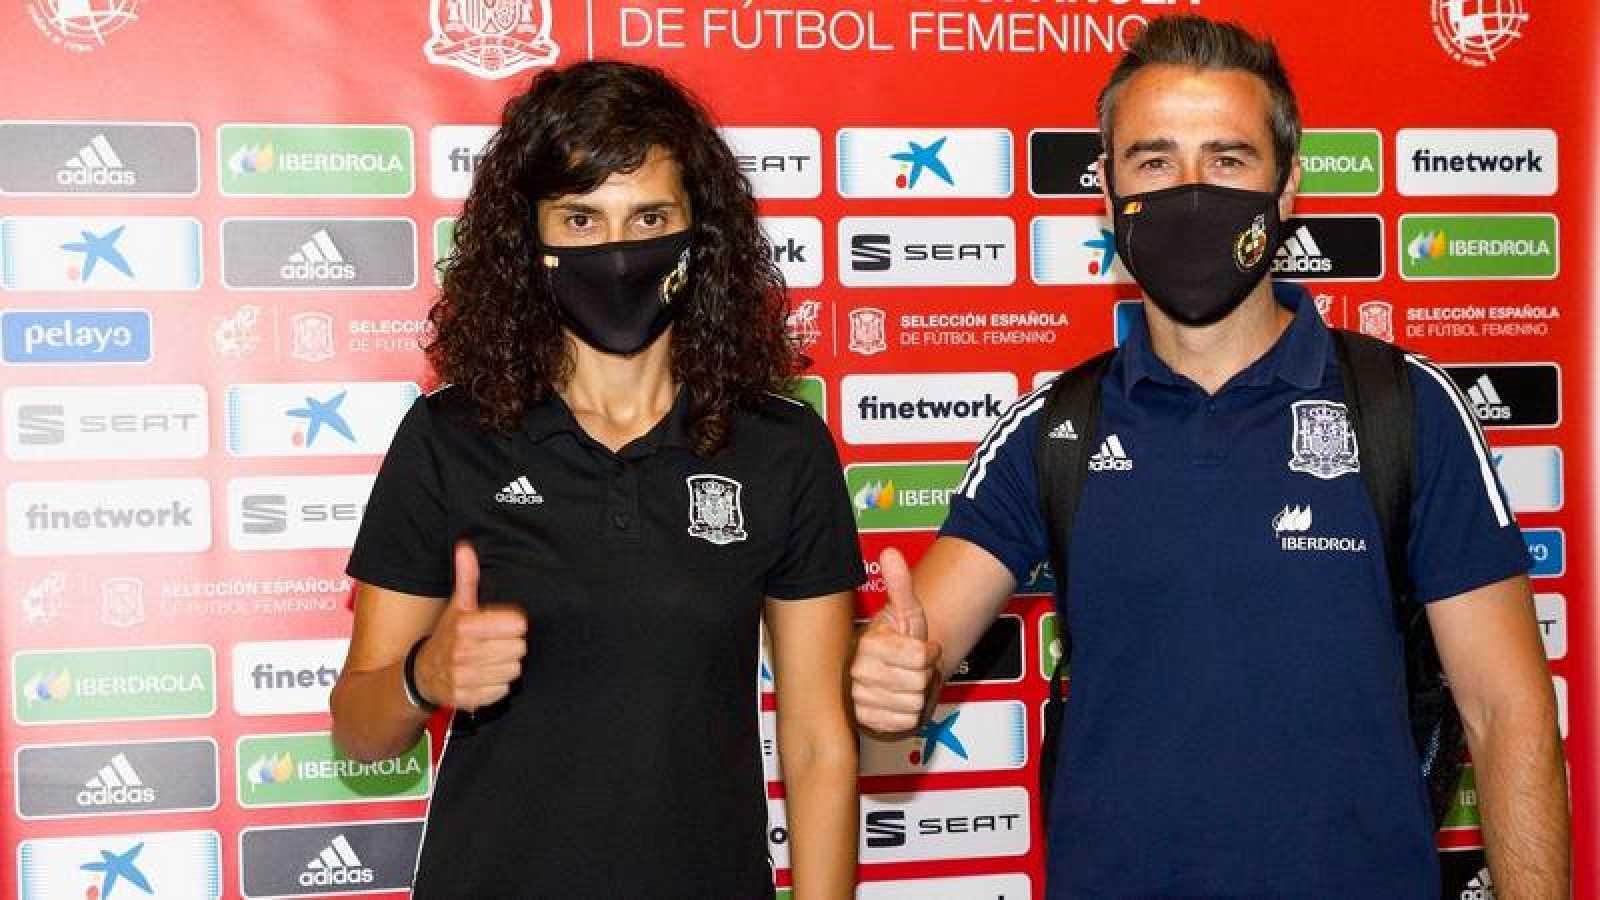 El seleccionador español Jorge Vilda junto a una de sus jugadoras en La Ciudad del Fútbol de Las Rozas.